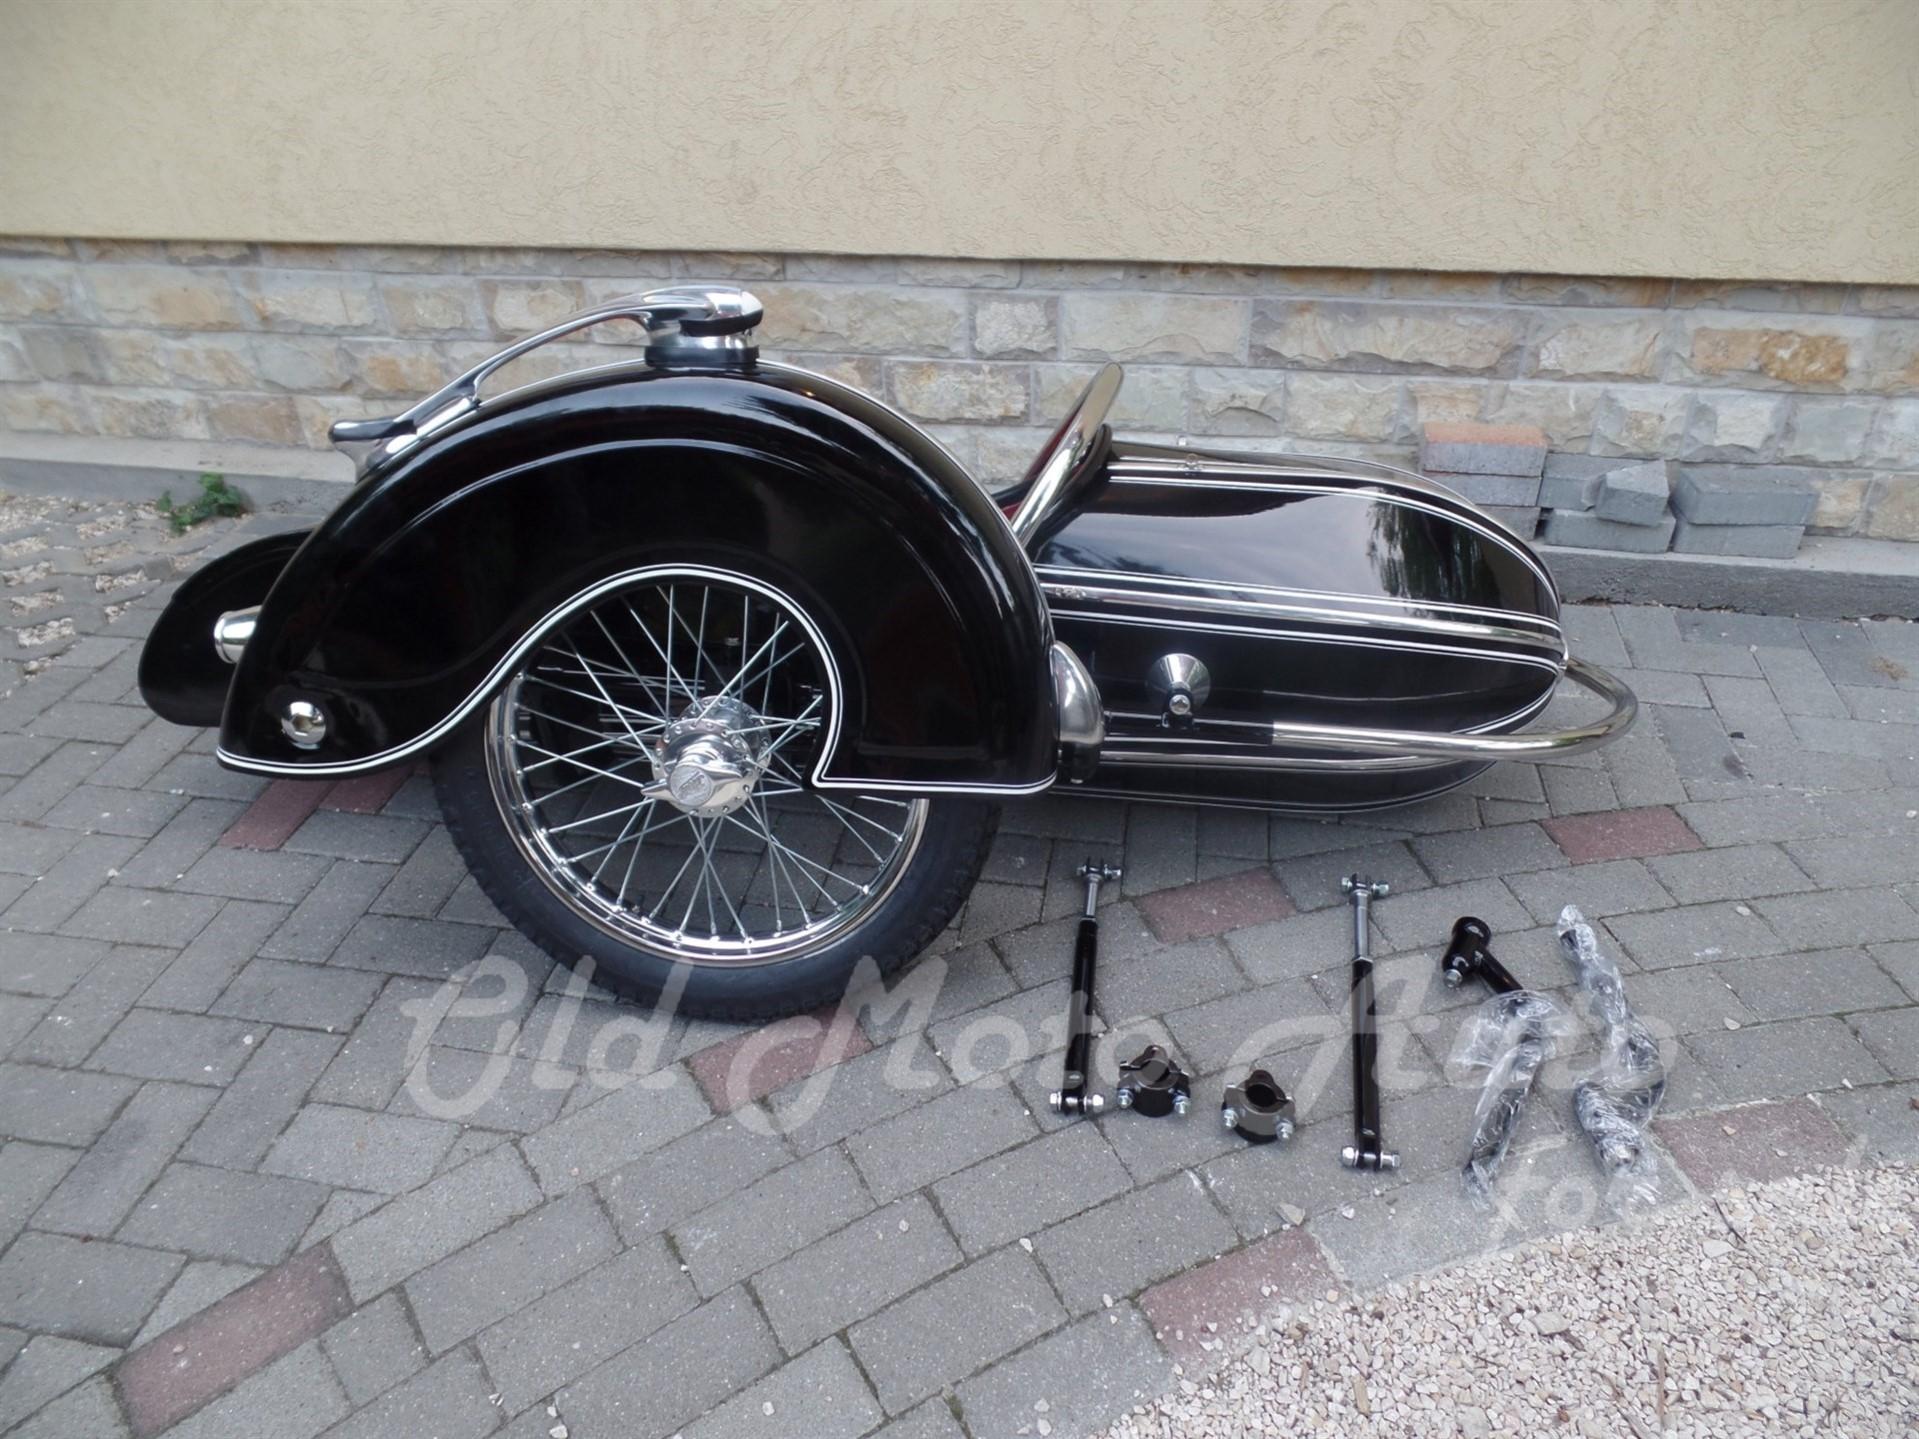 Steib S 500 Sidecar